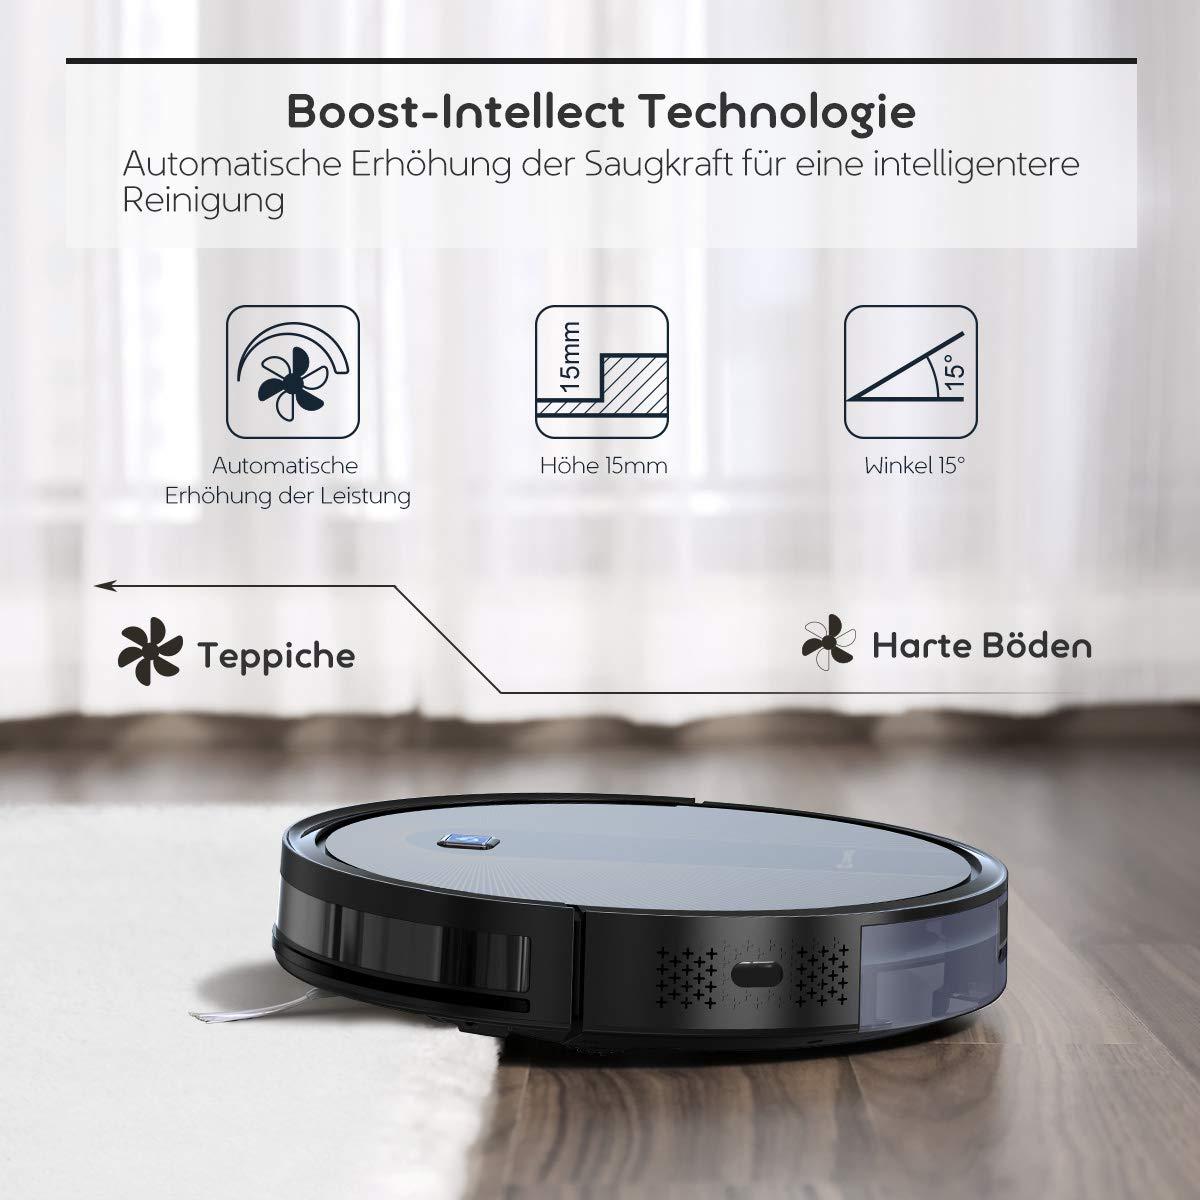 Coredy R600 limpia suelos duros alfombras y madera dura ideal para propietarios de mascotas autocierre Robot aspirador con gran fuerza de succi/ón 1600Pa